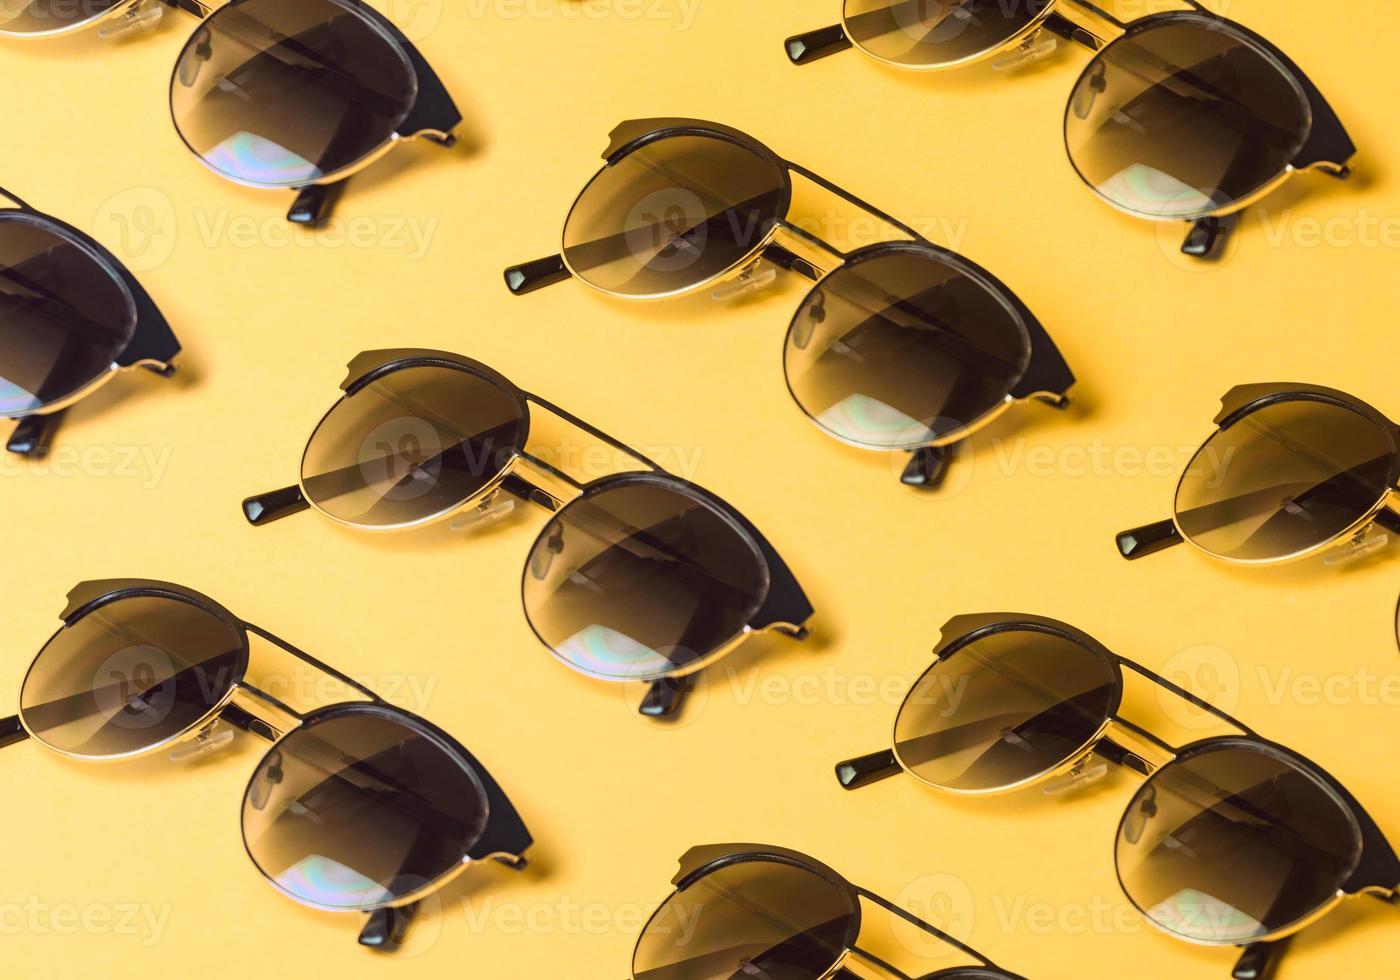 modèle de lunettes de soleil sur un fond jaune pastel avec copie espace photo